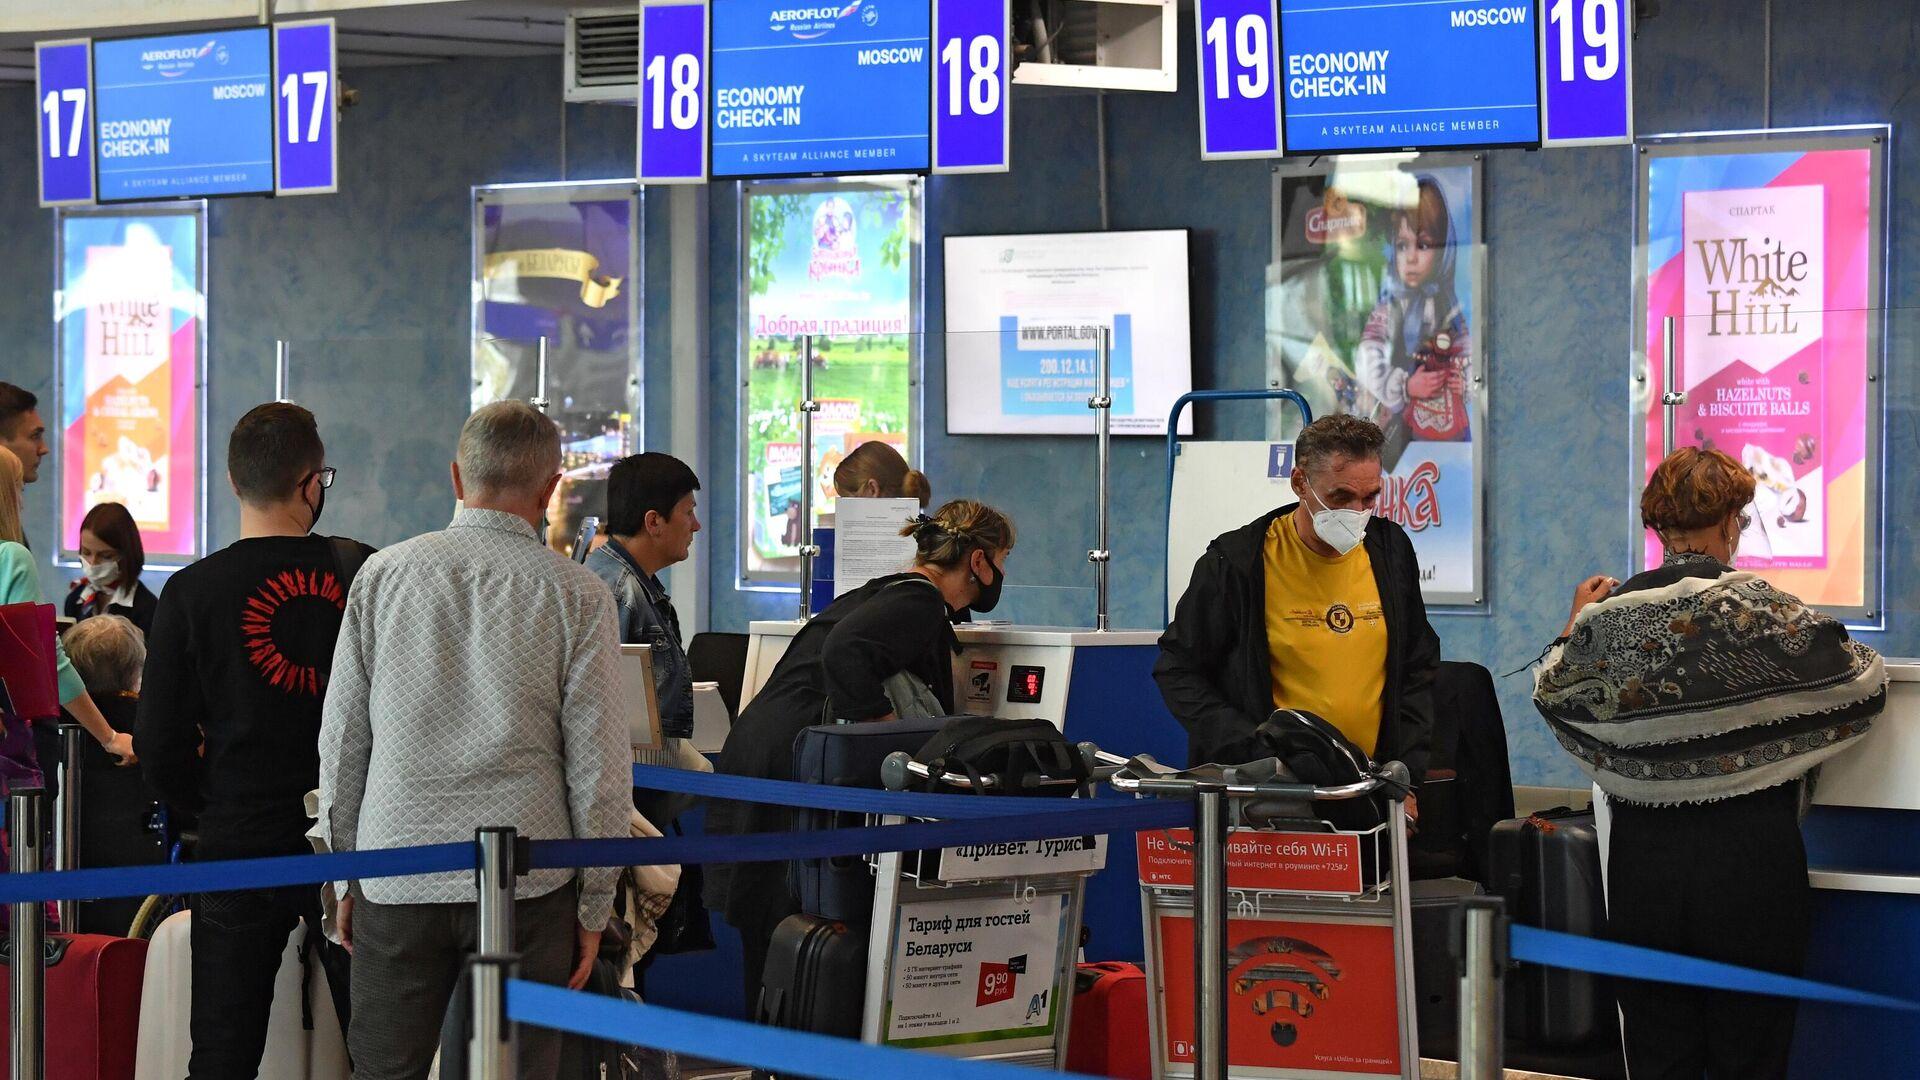 Пассажиры у стойки регистрации в национальном аэропорту Минск - РИА Новости, 1920, 26.09.2020